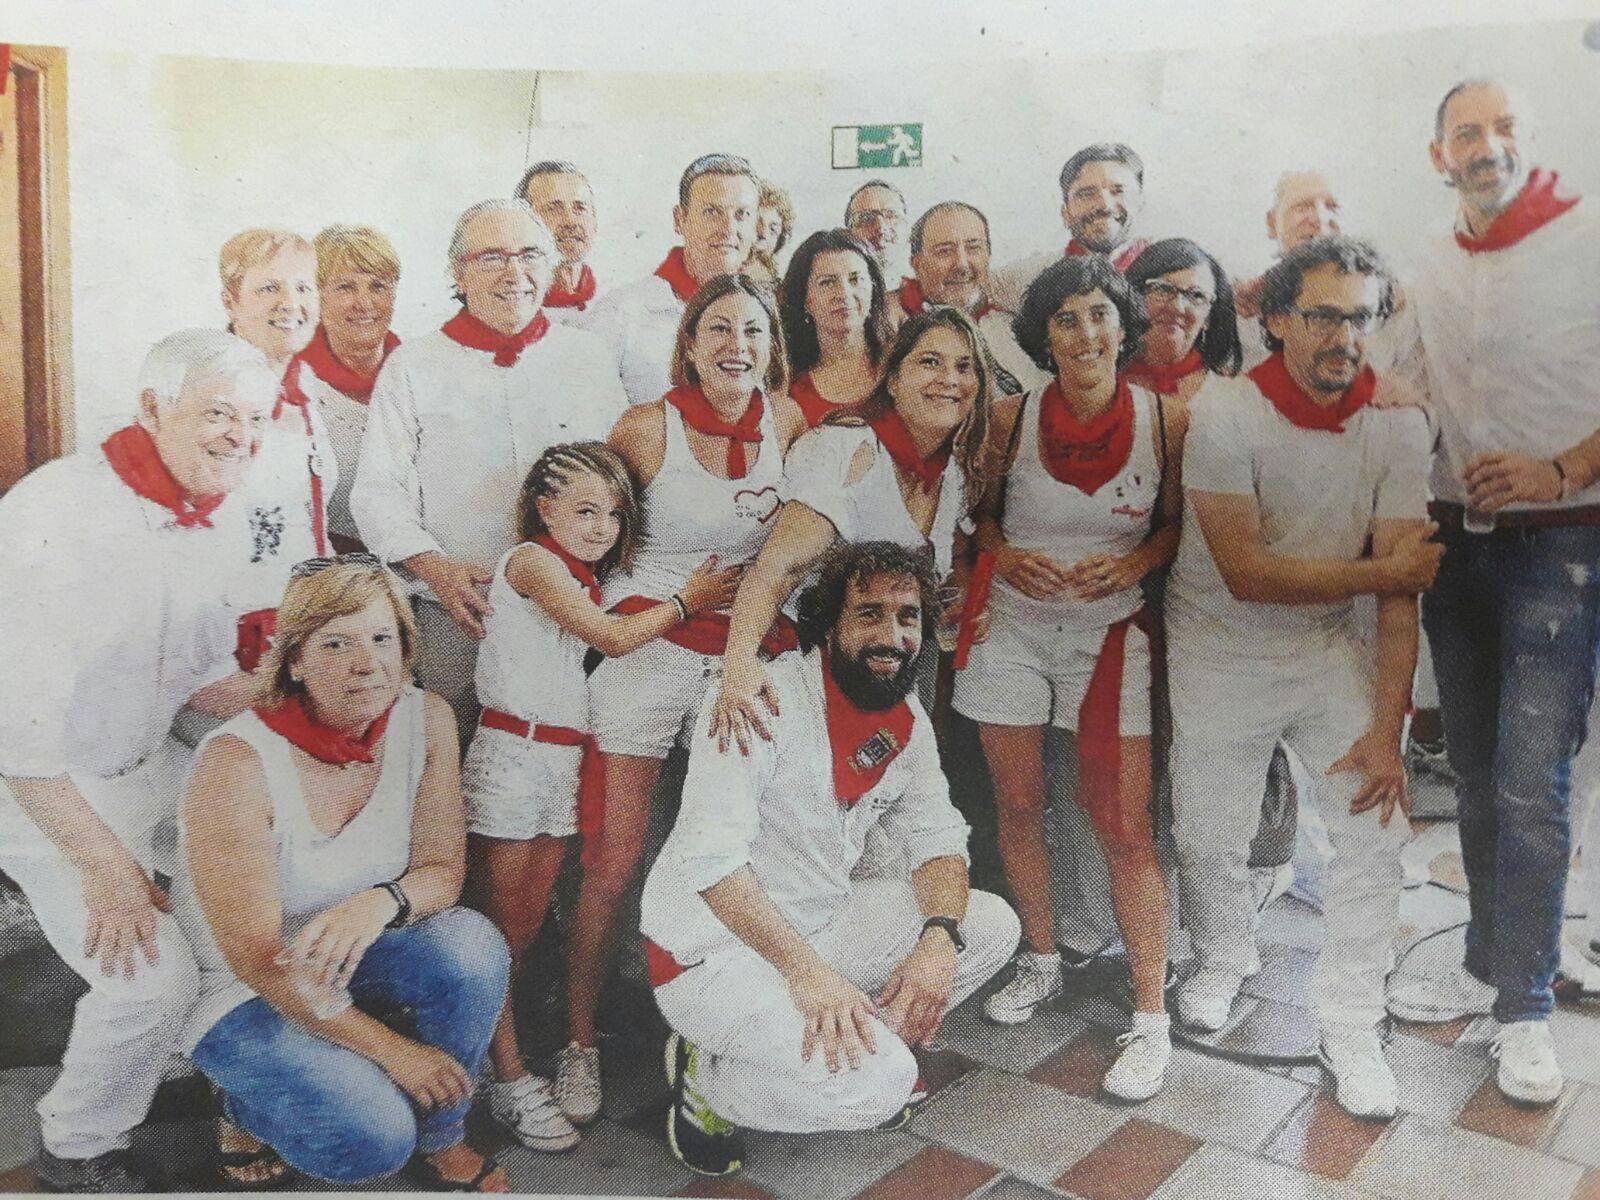 Compañeros y compañeras de IE en el inicio de las fiestas de Tudela.